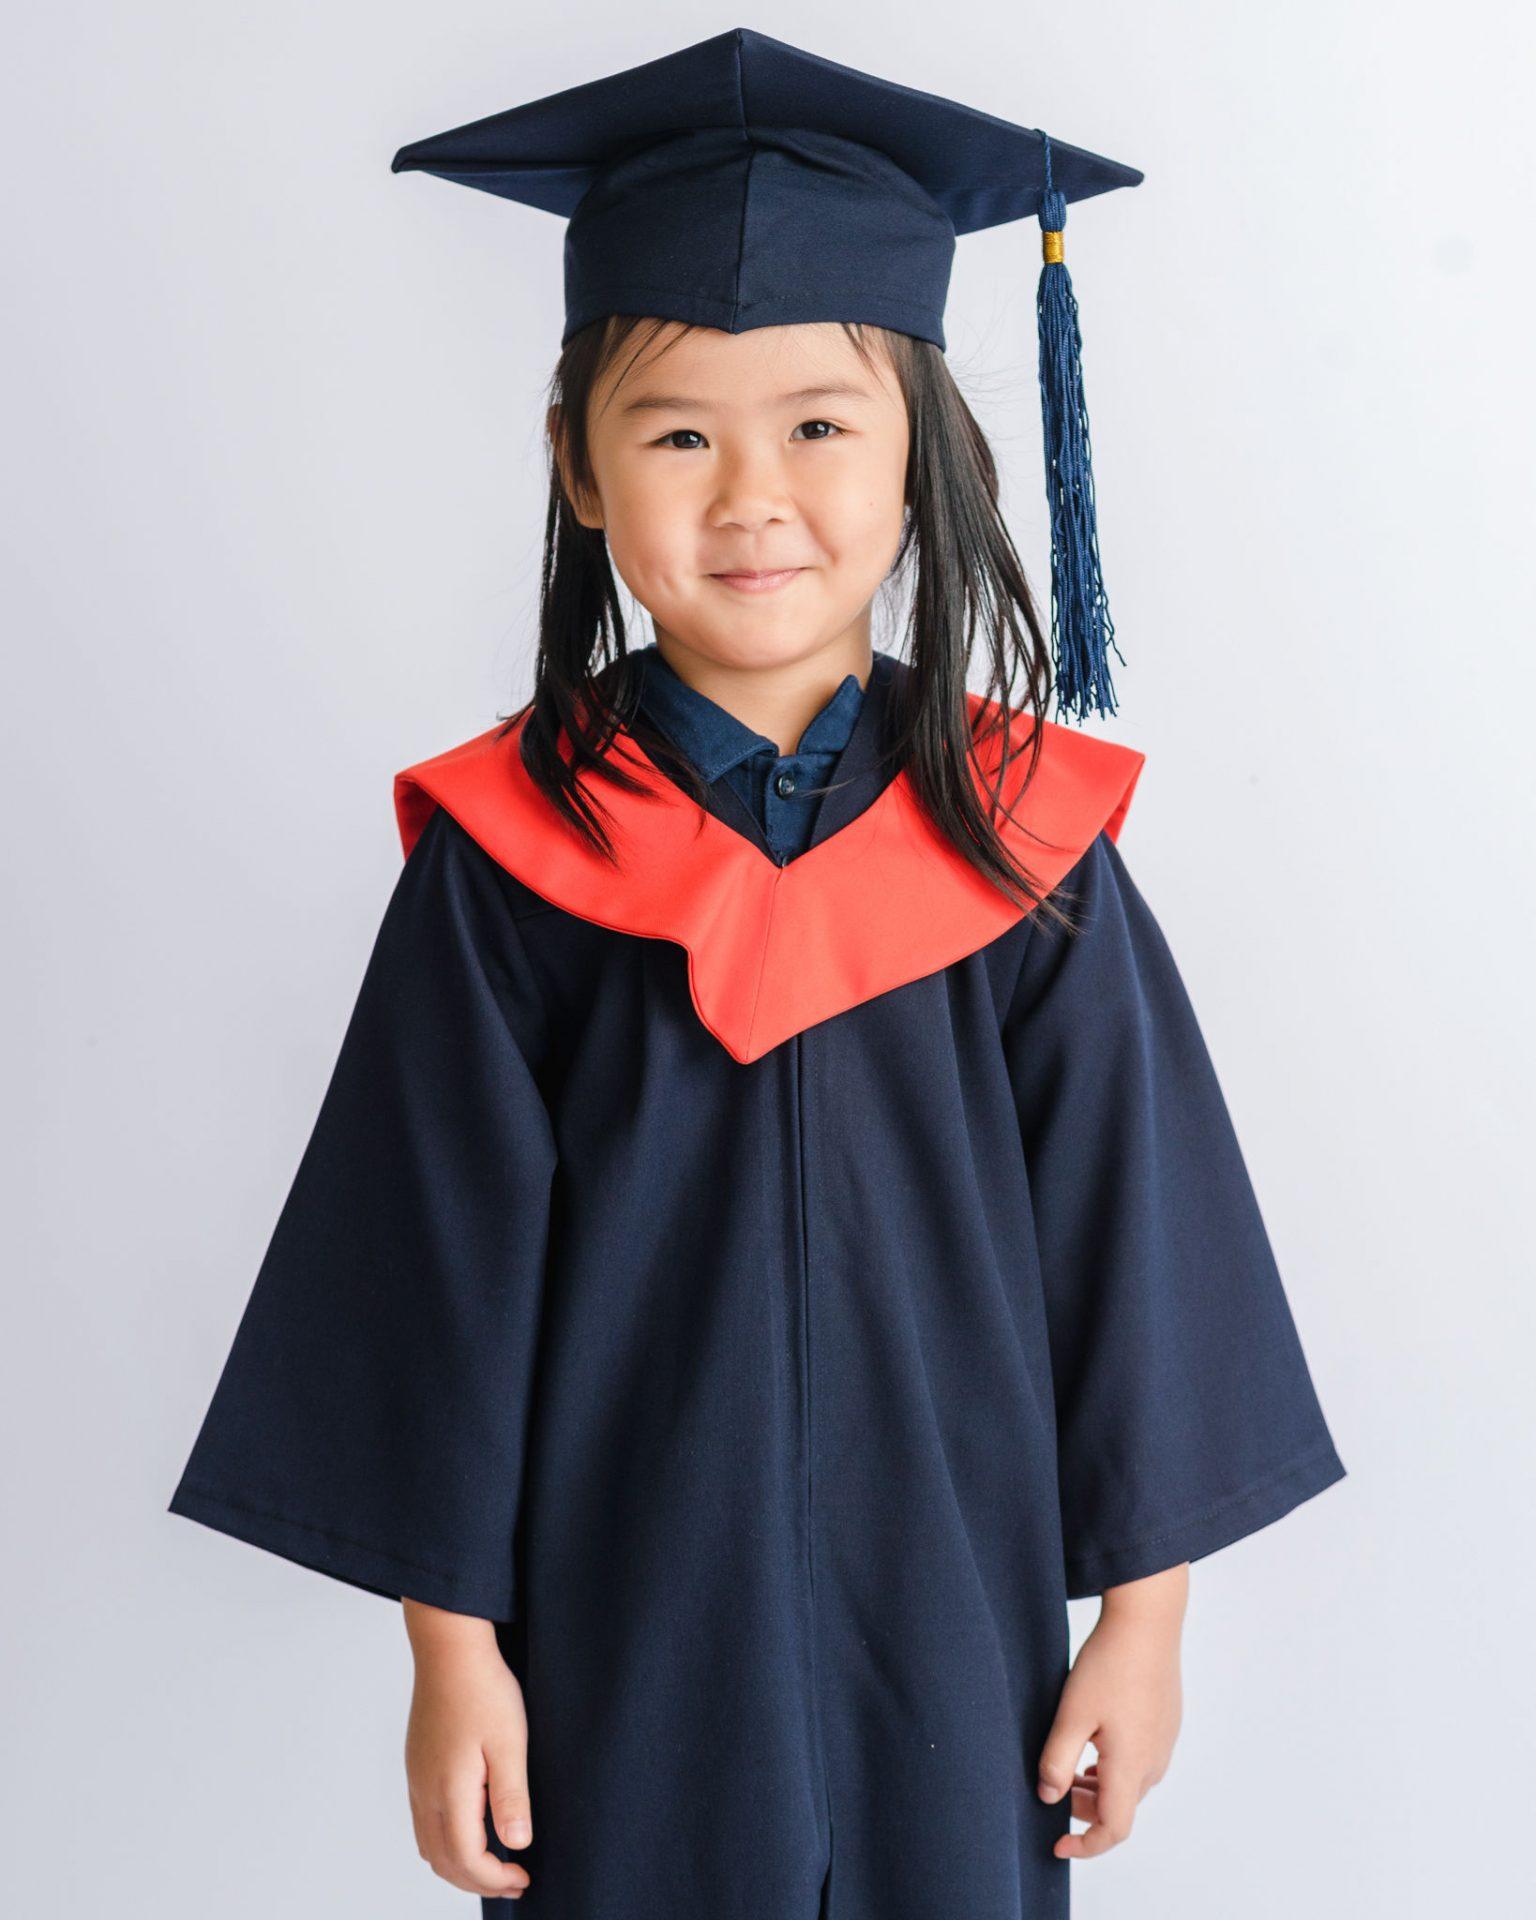 Chụp ảnh tốt nghiệp mẫu giáo tại tphcm